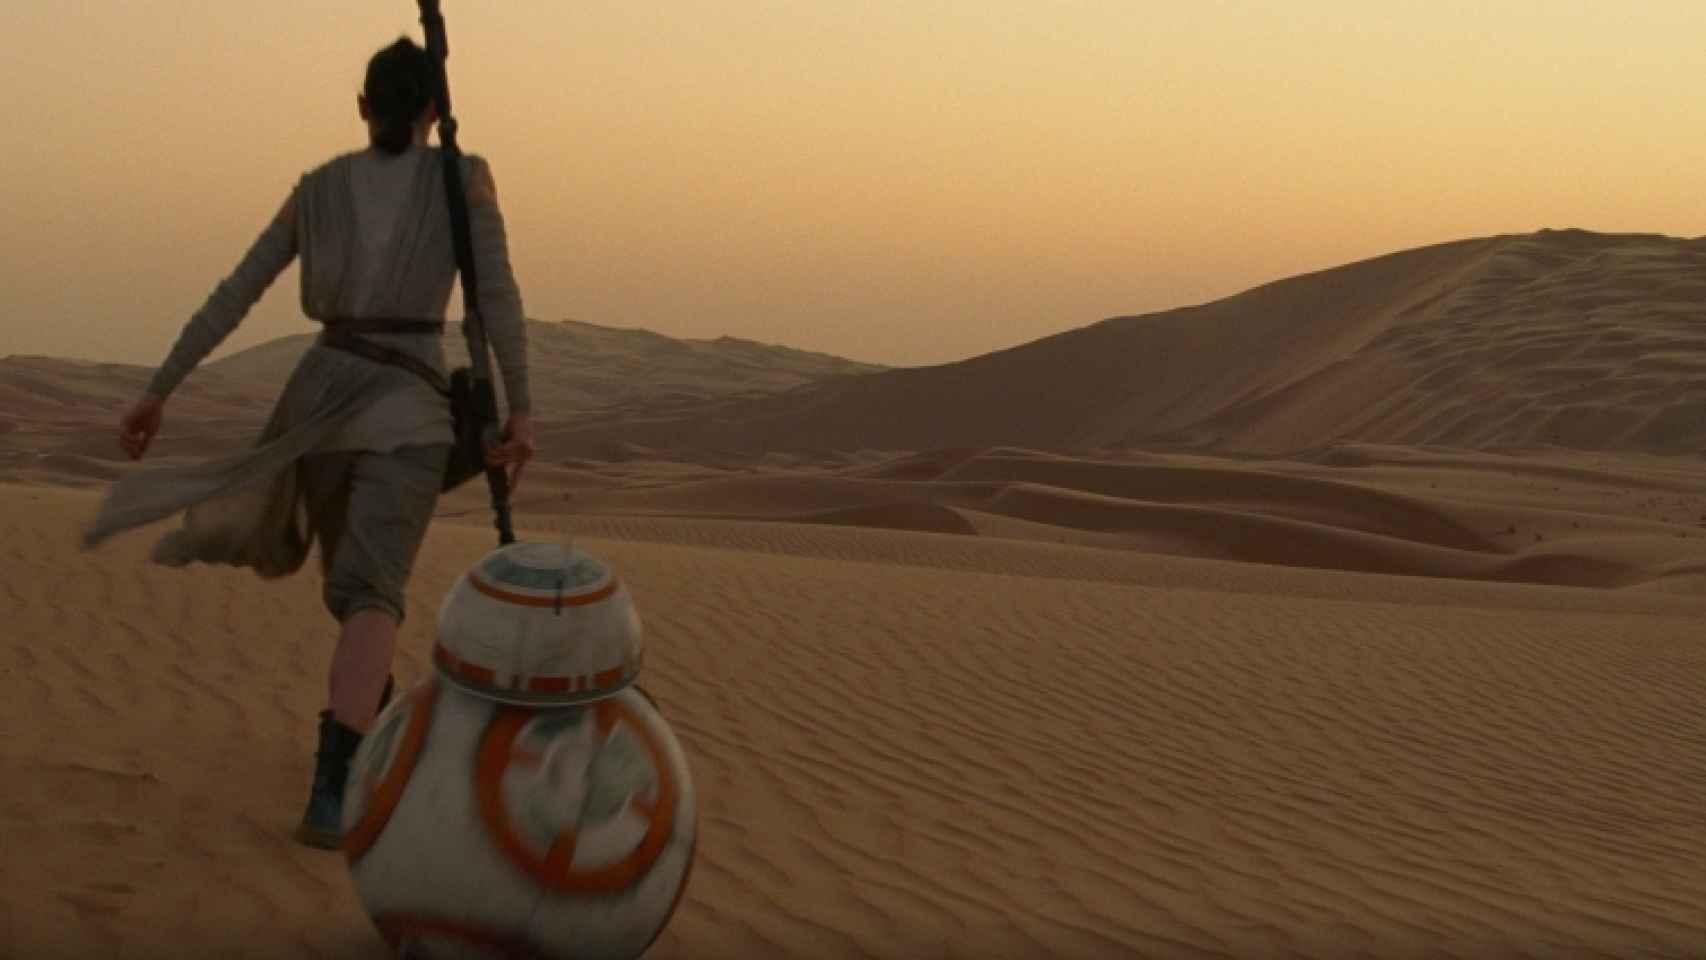 Rey, en Jakku, un planeta que recuerda a Tatooine